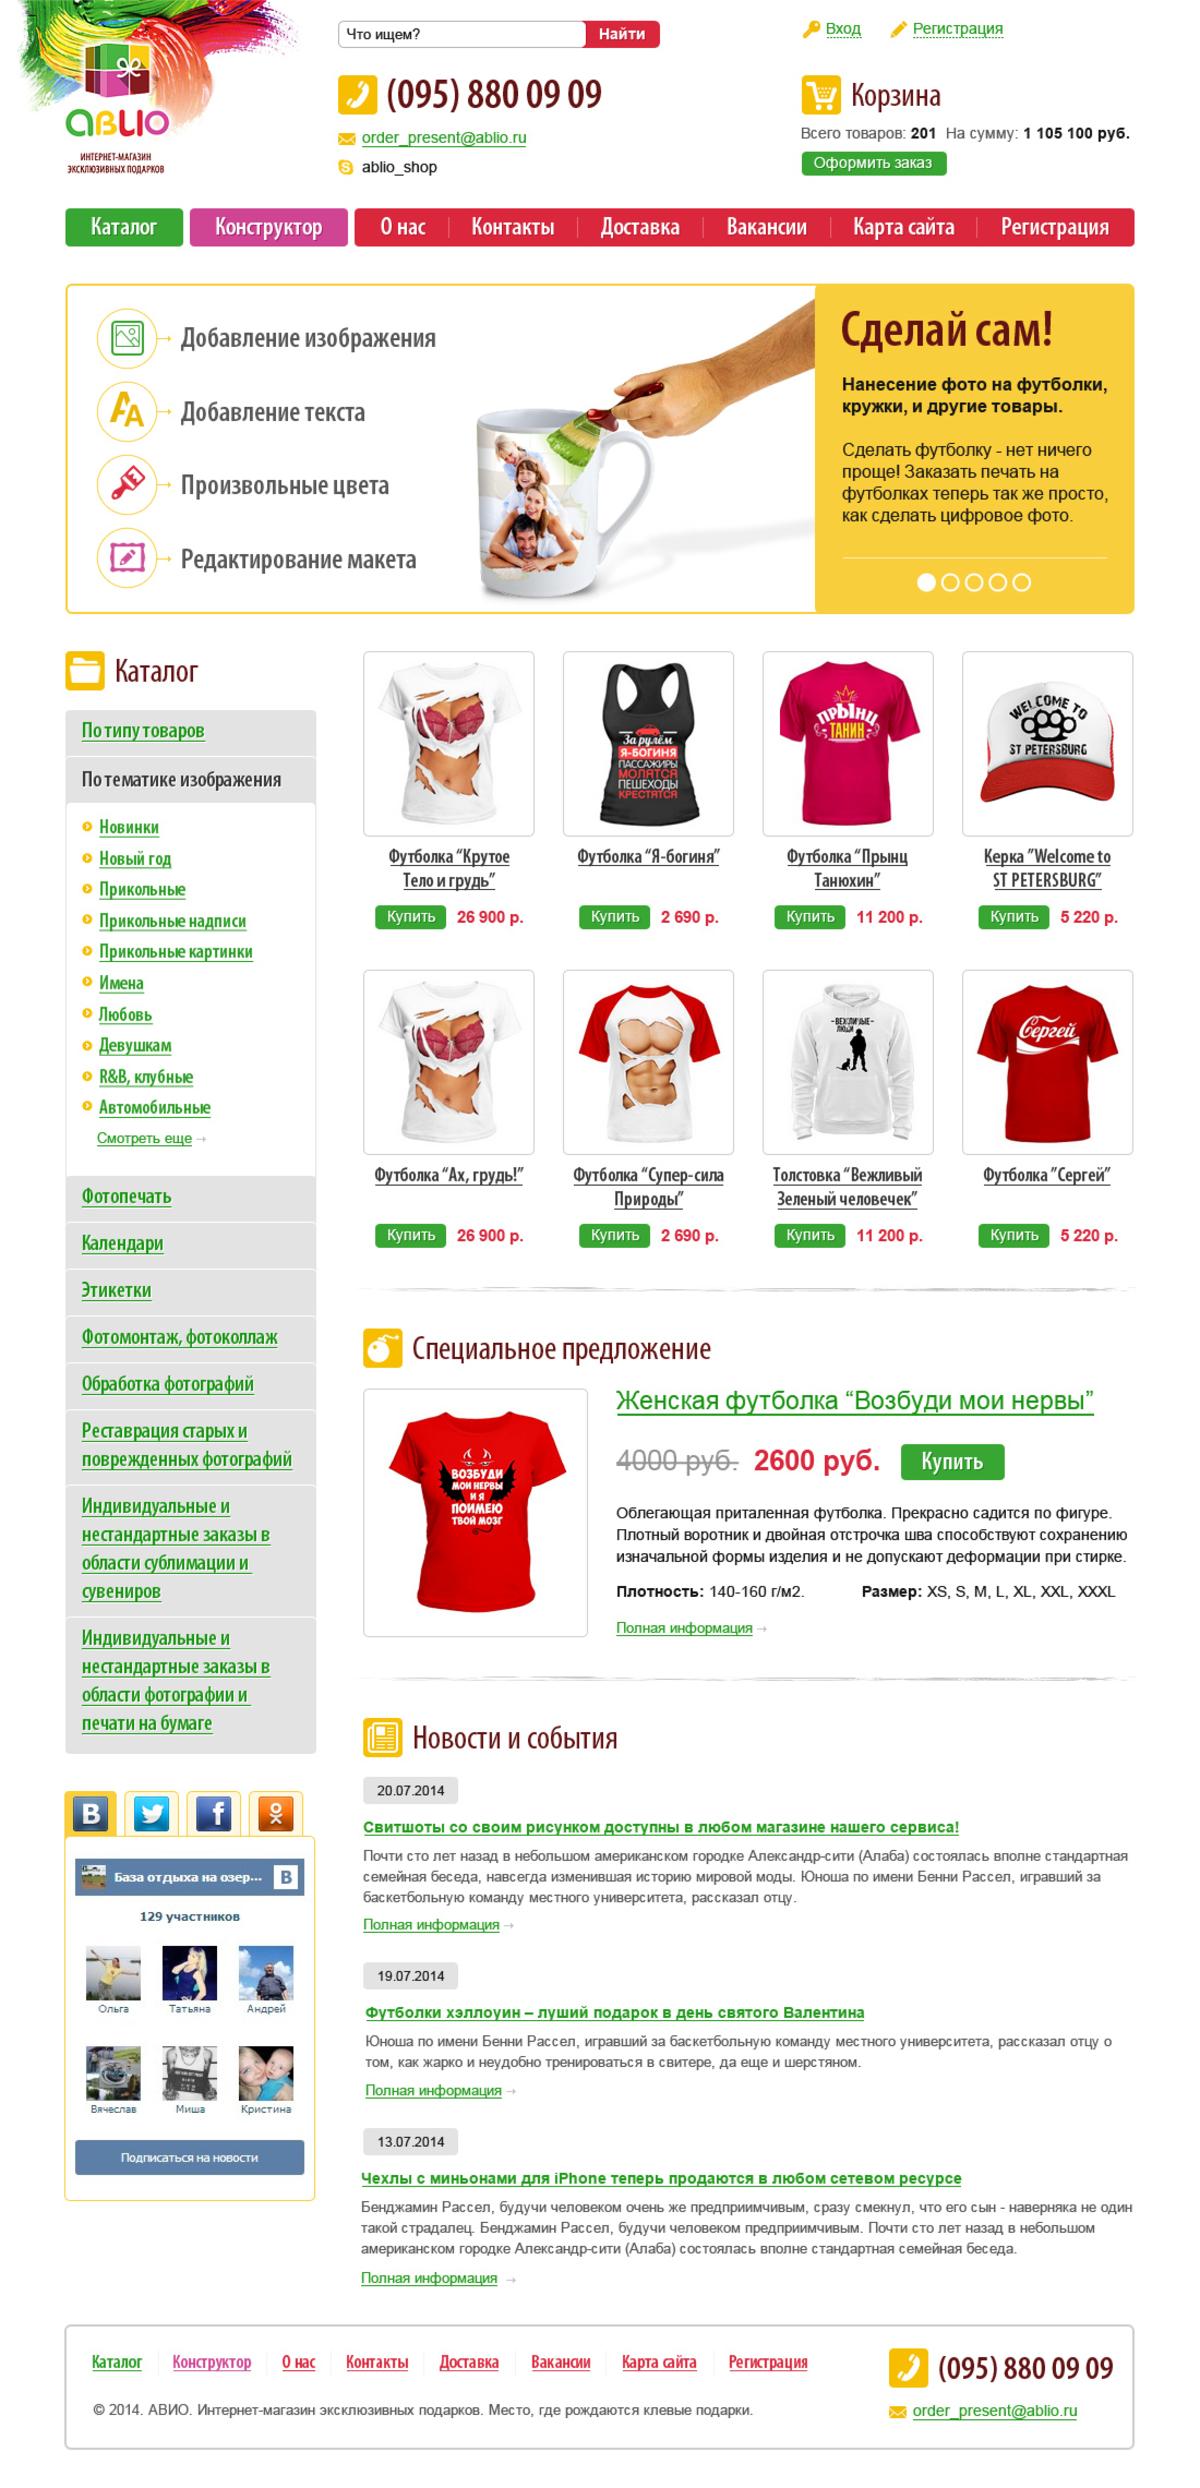 Интернет-магазин с онлайн редактором для создания сувенирной продукции. / Проект компании Крыммедиаком